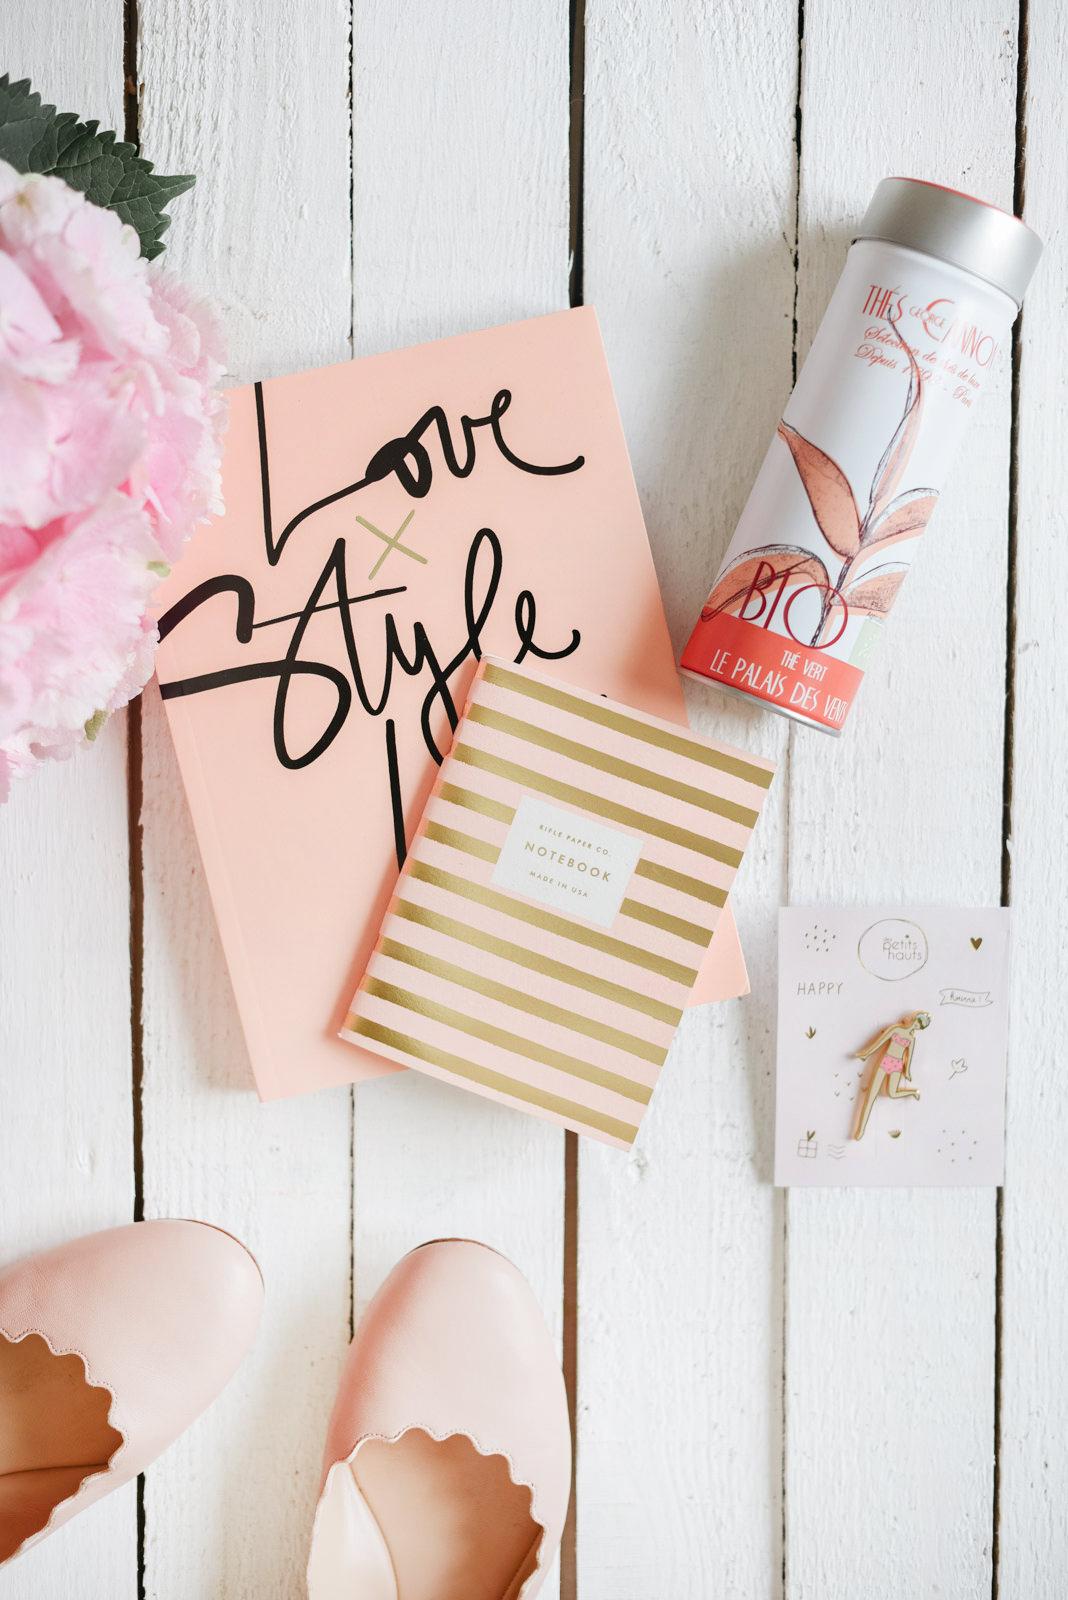 Blog-Mode-And-the-City-Lifestyle-Cadeaux-Anniversaire-28-ans-15 copie